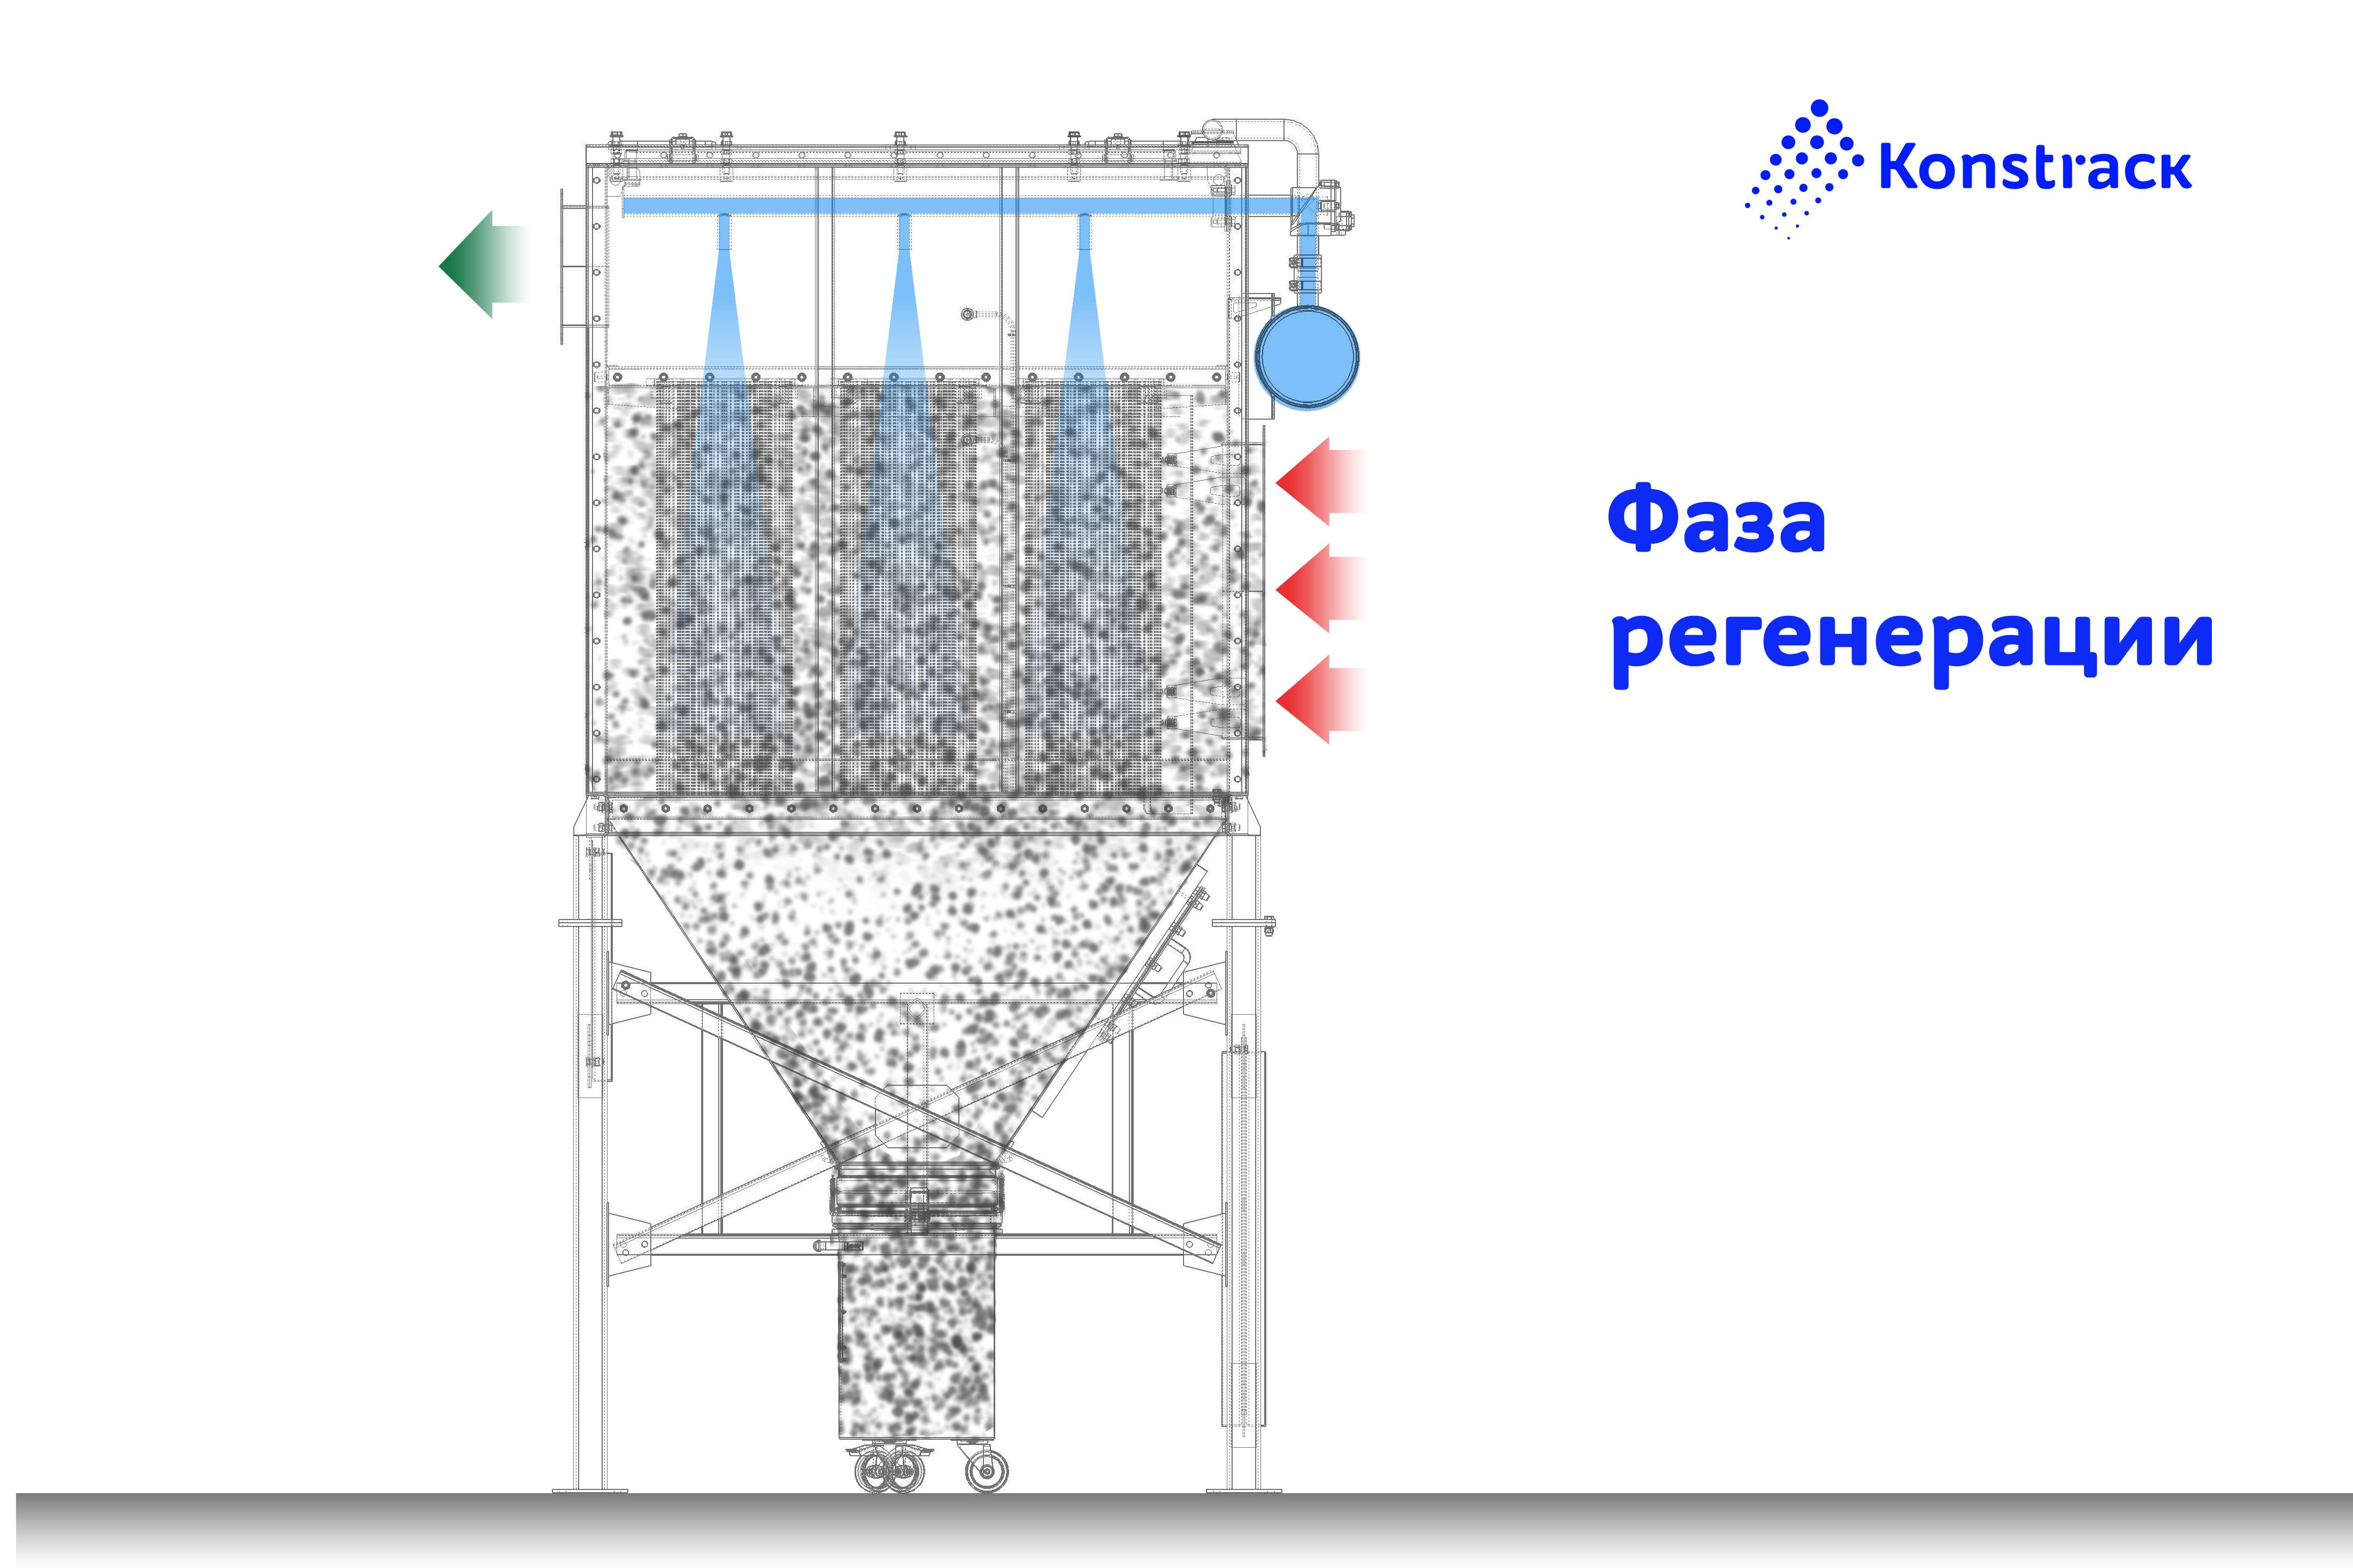 Схема работы фильтра для аспирации столов лазерной резки металла